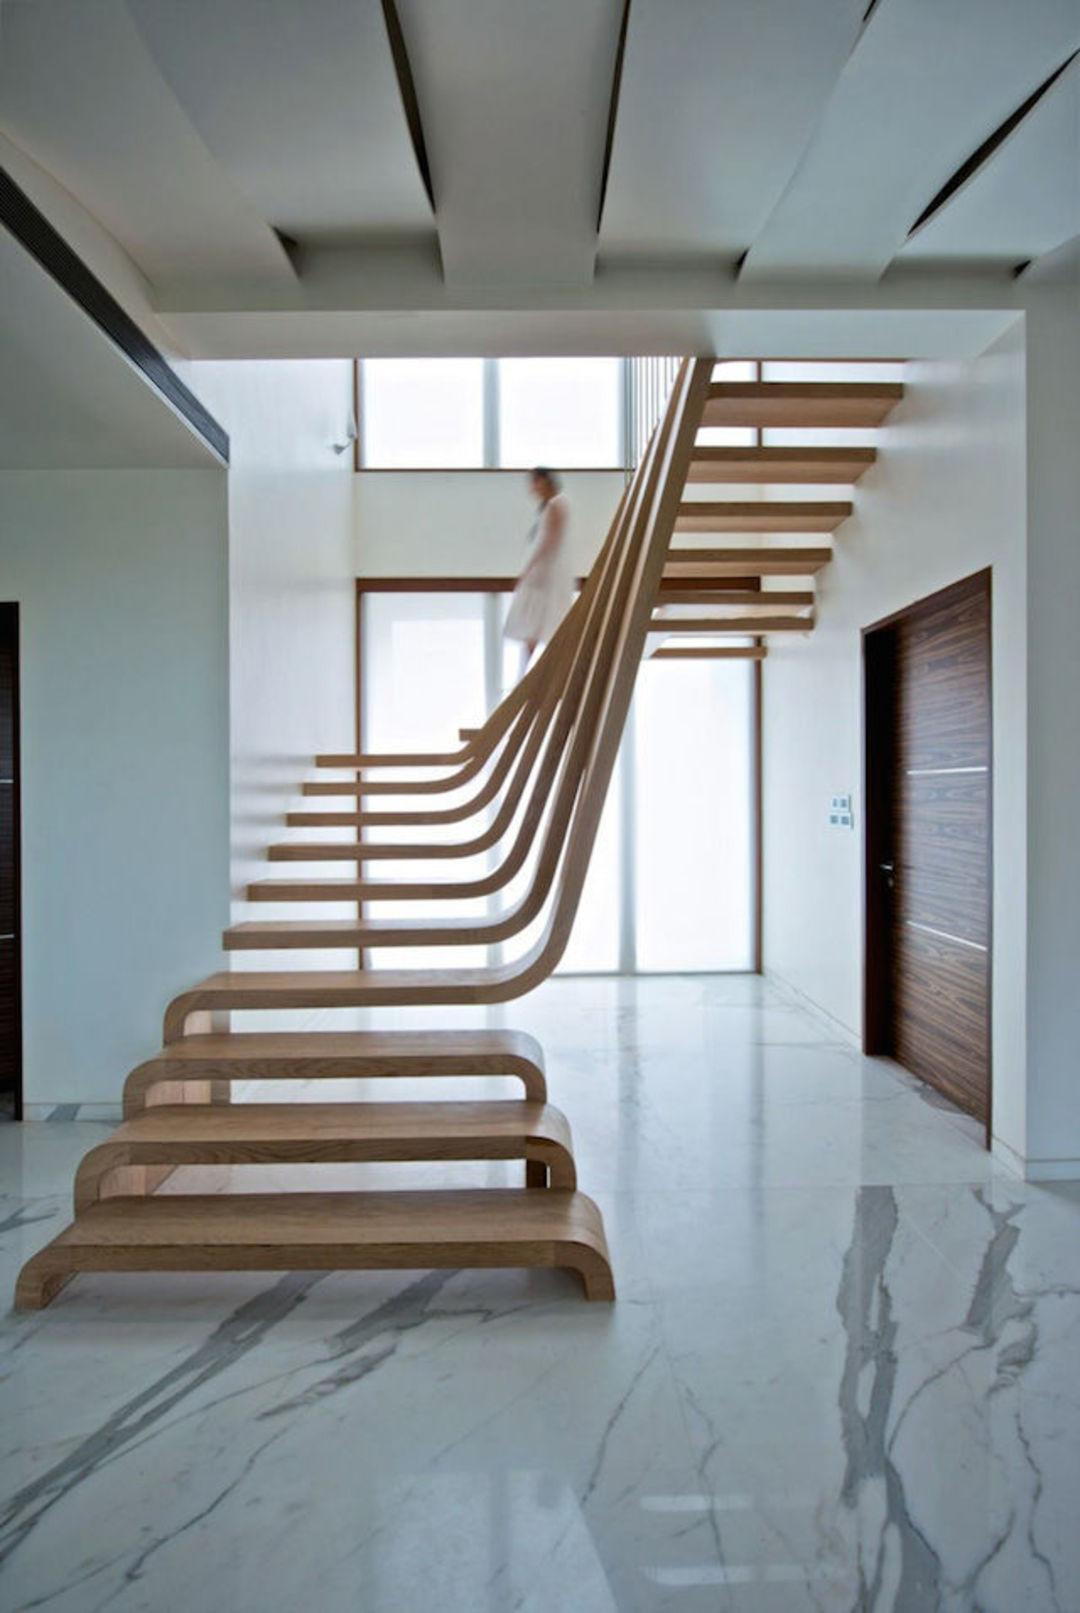 楼梯不装扶手的时候其实挺酷,你看这12个案例_设计_好奇心日报